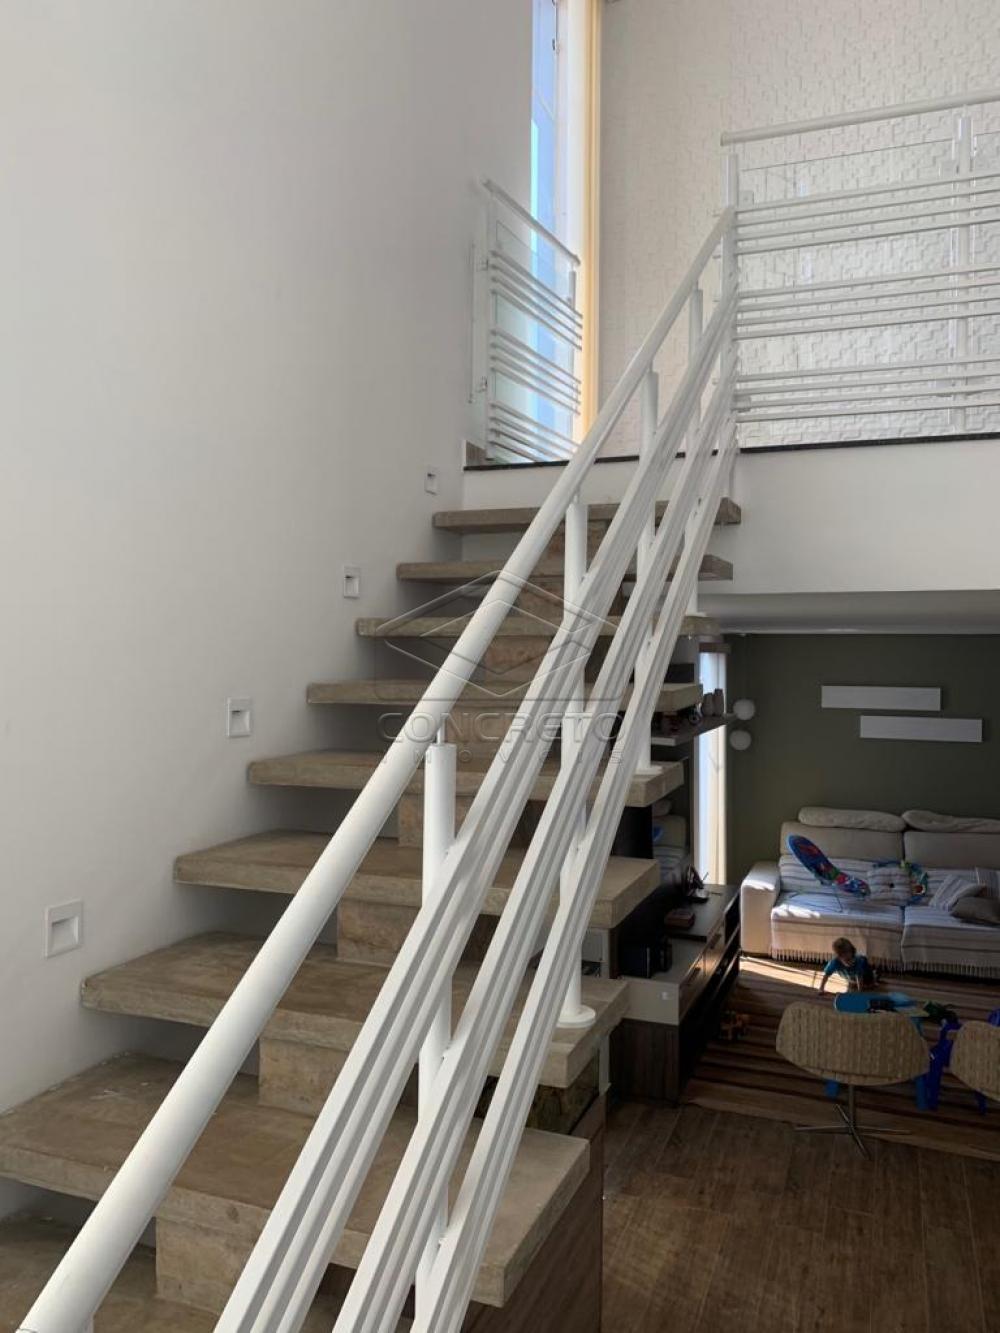 Comprar Casa / Padrão em Sao Manuel apenas R$ 650.000,00 - Foto 83